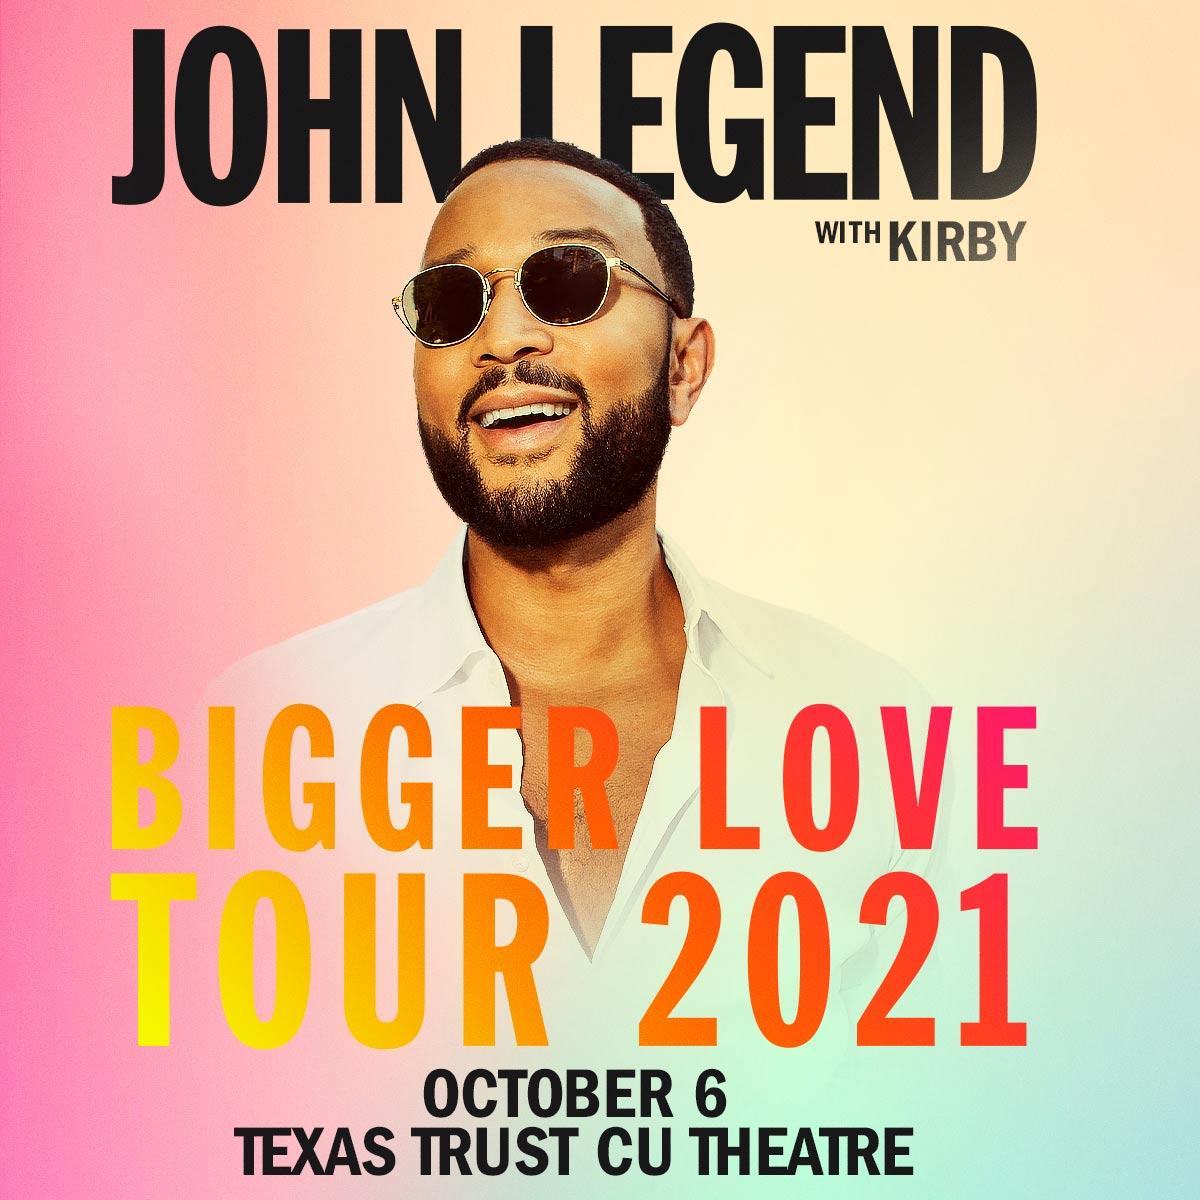 John Legend   Texas Trust CU Theatre at Grand Prairie, 10/6/21